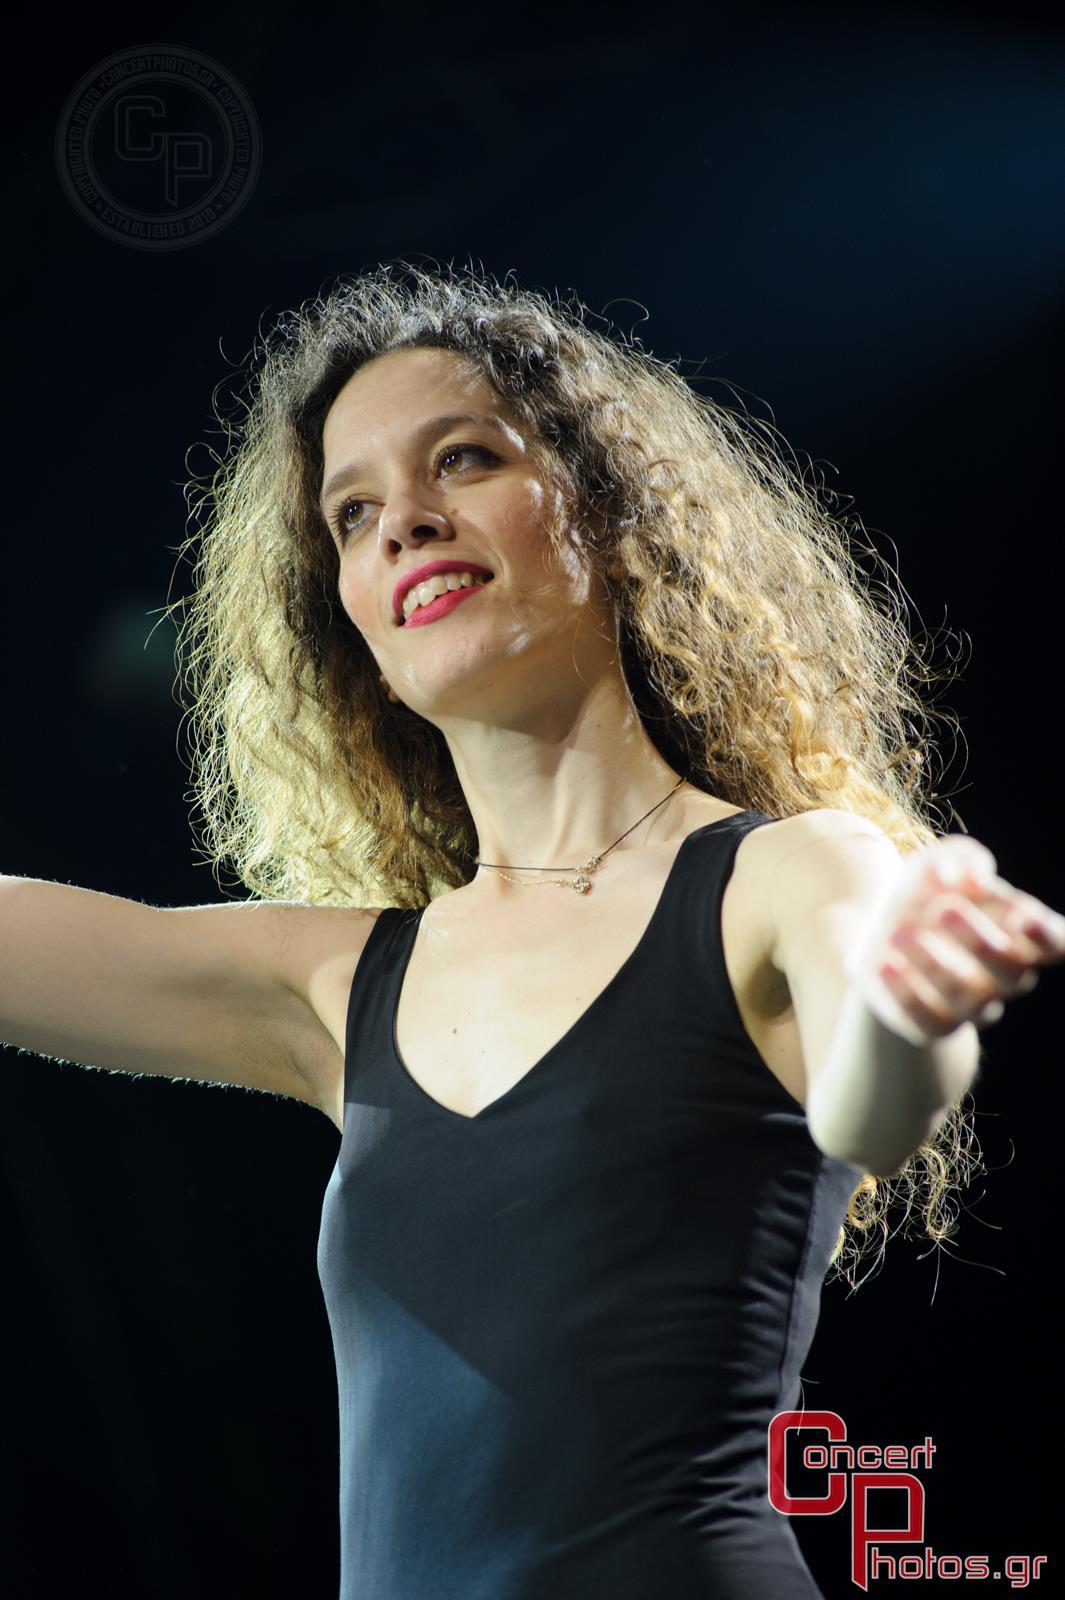 Μία συναυλία για τη Σχεδία 2014-Sxedia 2014 photographer:  - concertphotos_20140526_21_55_23